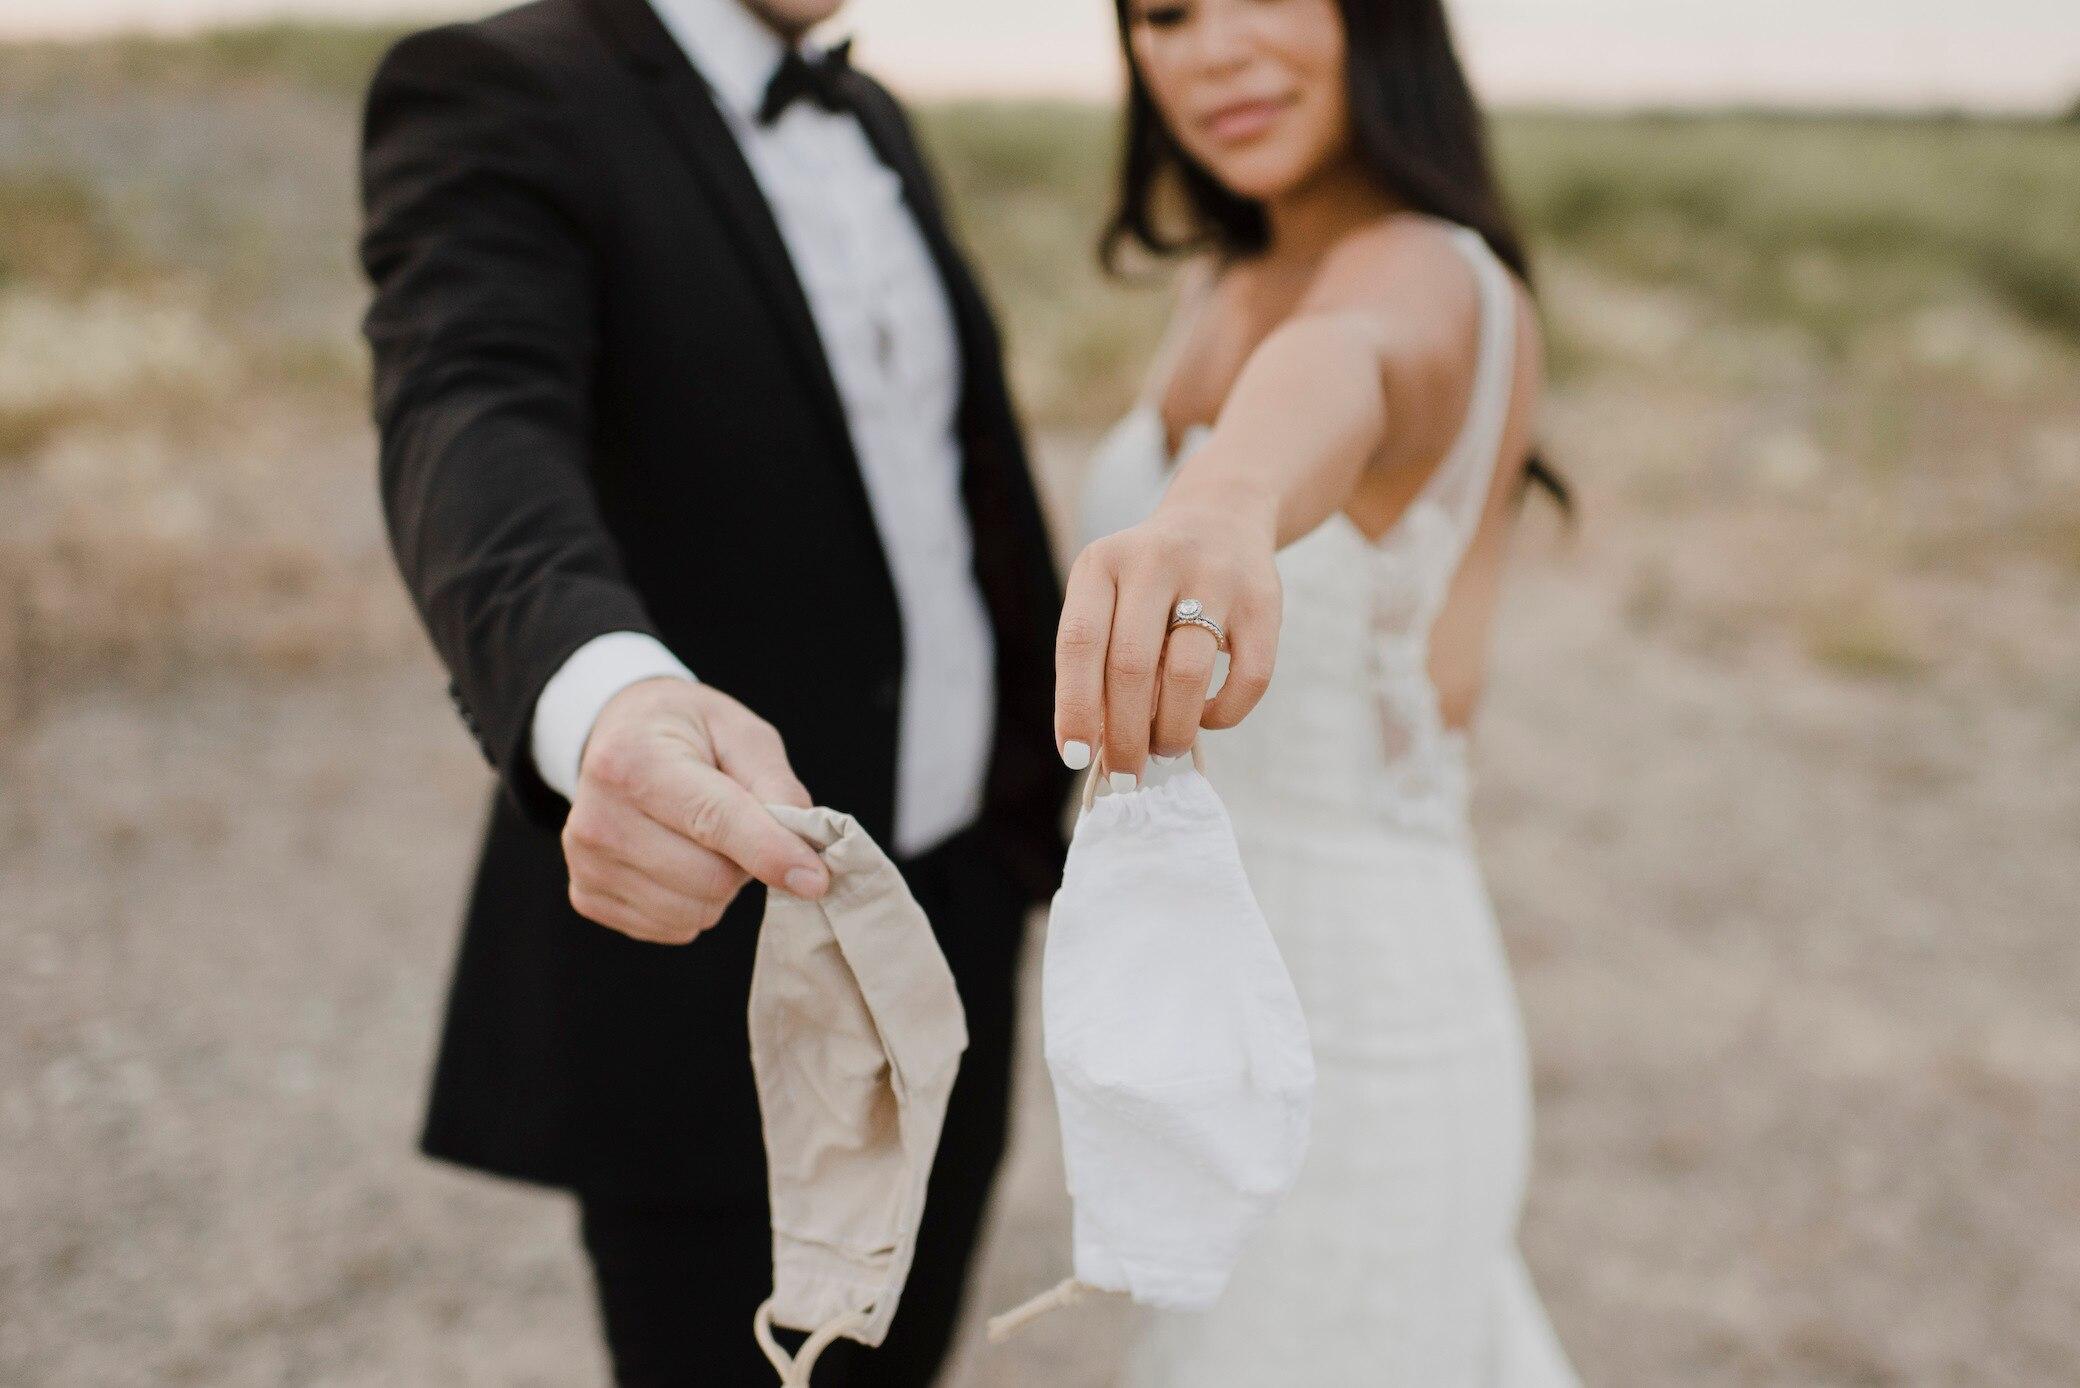 Heiraten trotz Corona: Wo traut man sich am meisten? - STYLEBOOK